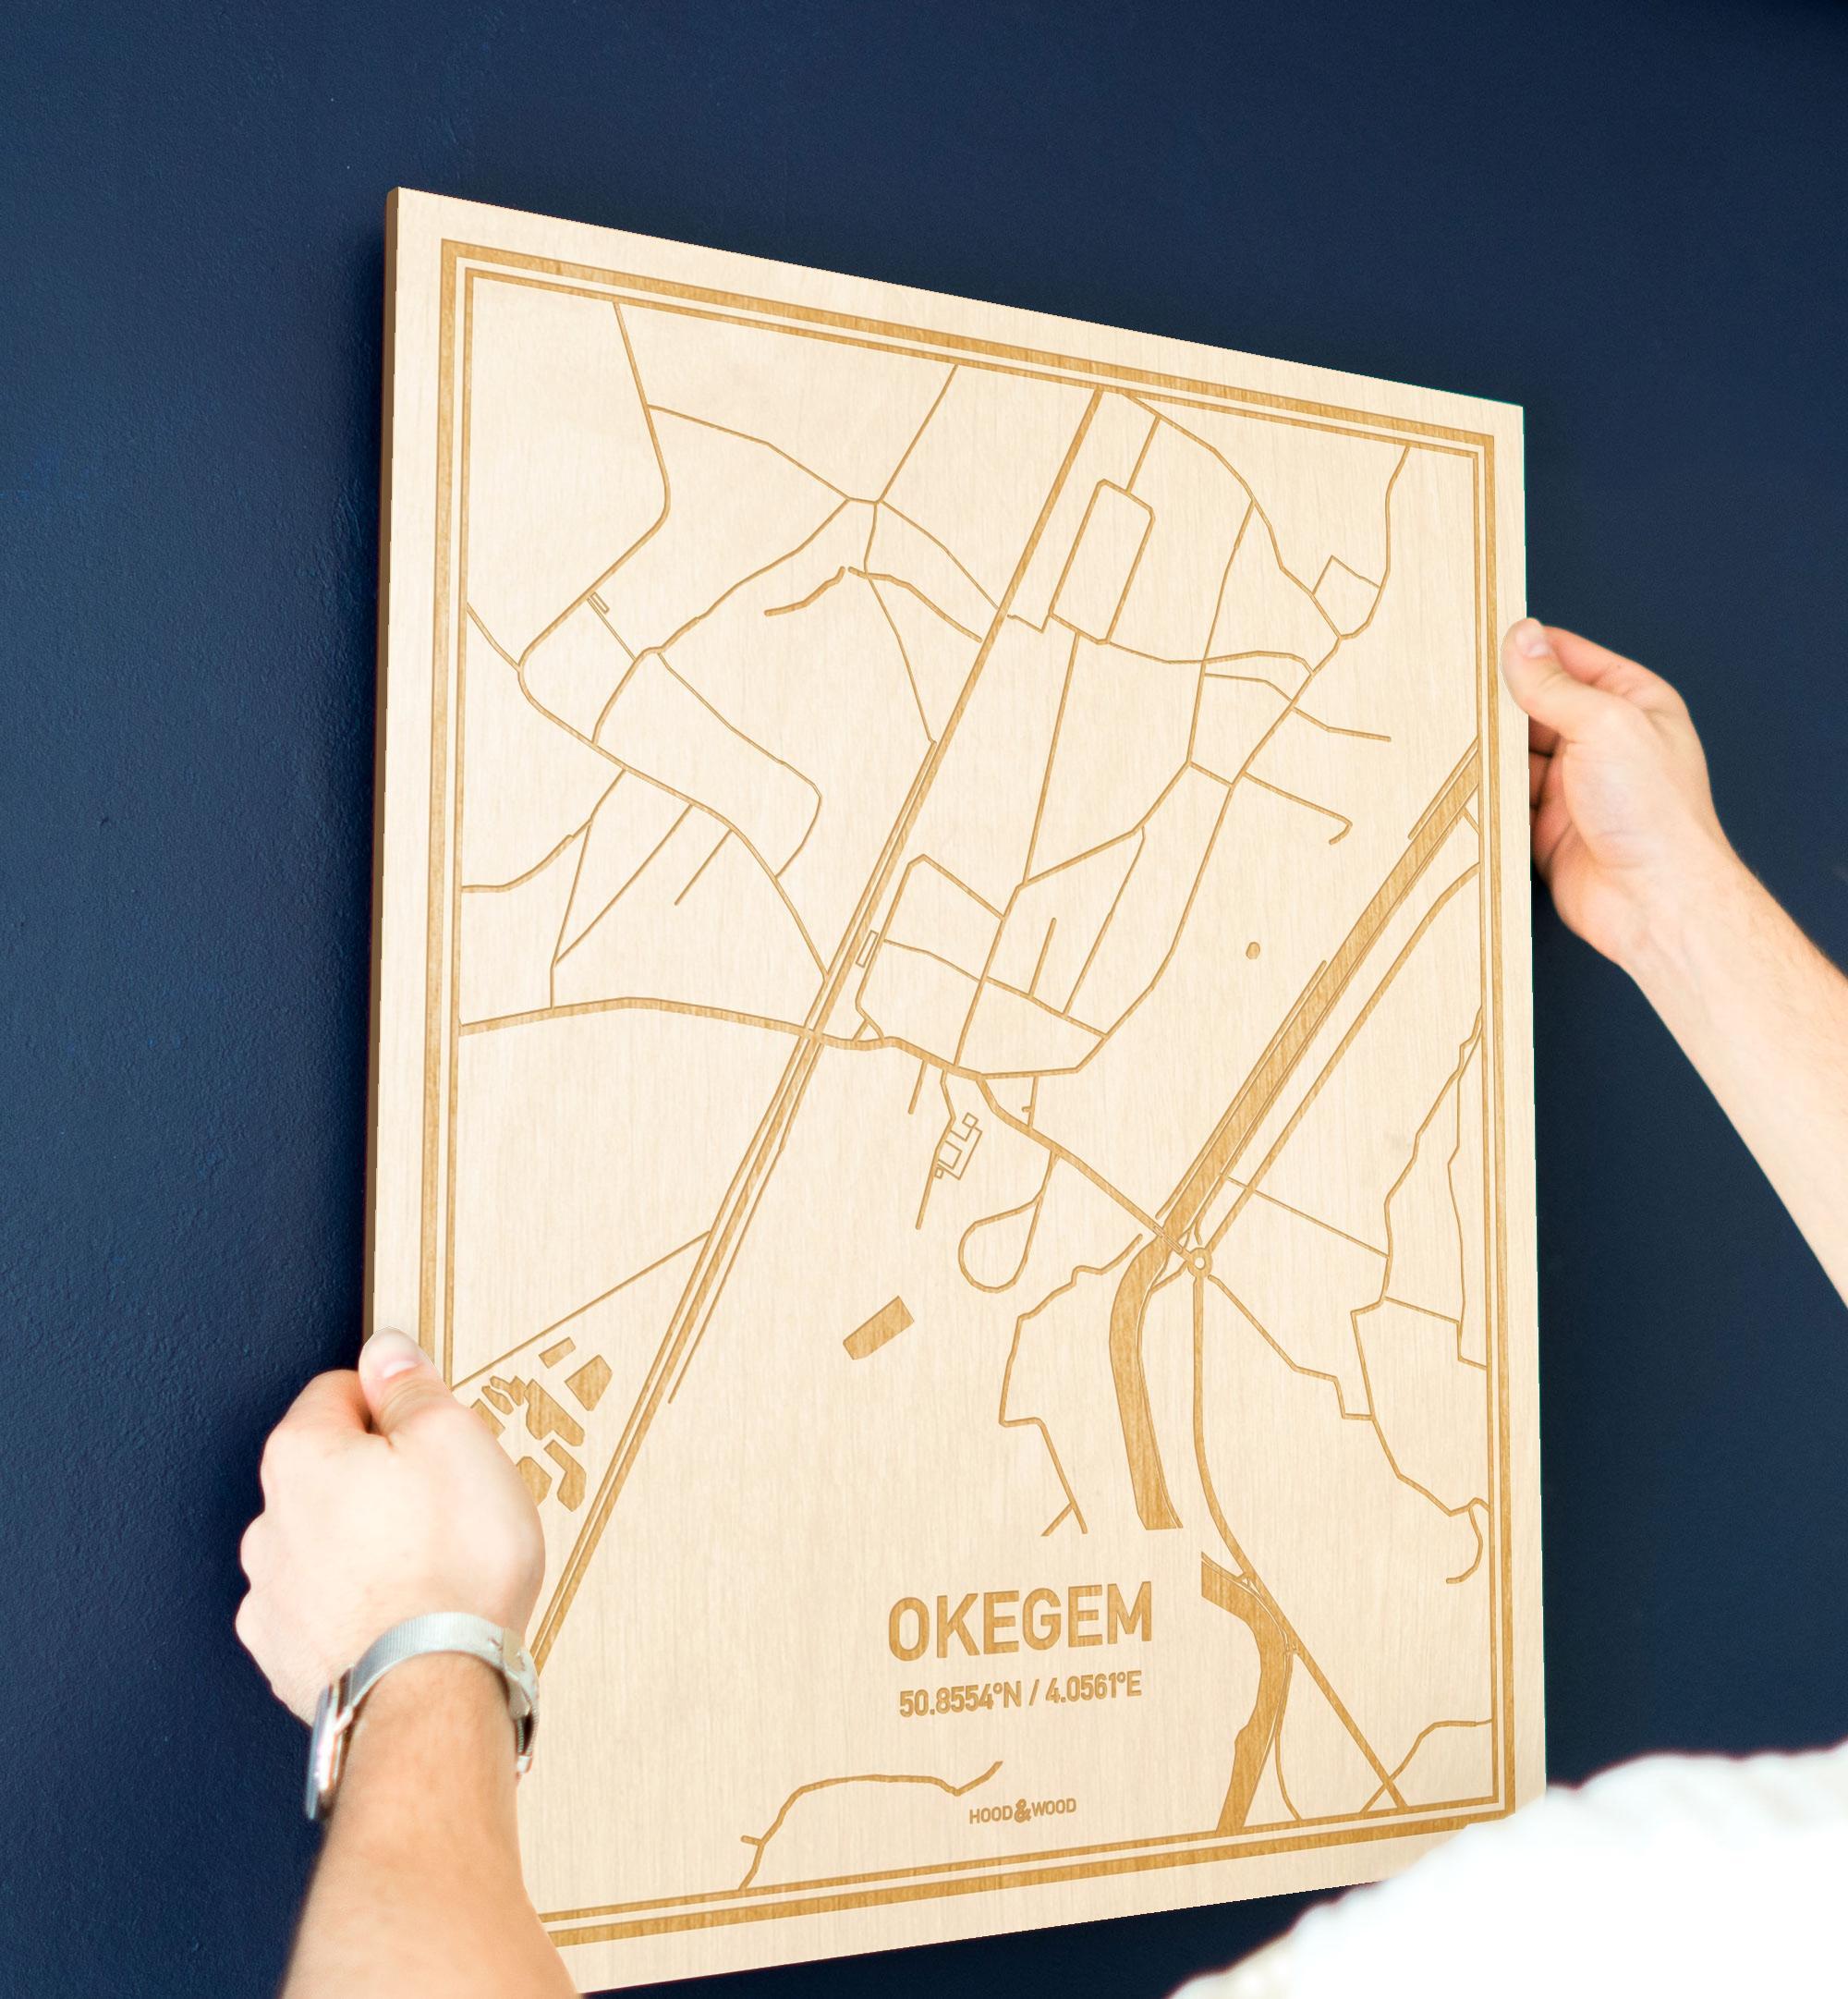 Een man hangt de houten plattegrond Okegem aan zijn blauwe muur ter decoratie. Je ziet alleen zijn handen de kaart van deze bijzondere in Oost-Vlaanderen  vasthouden.